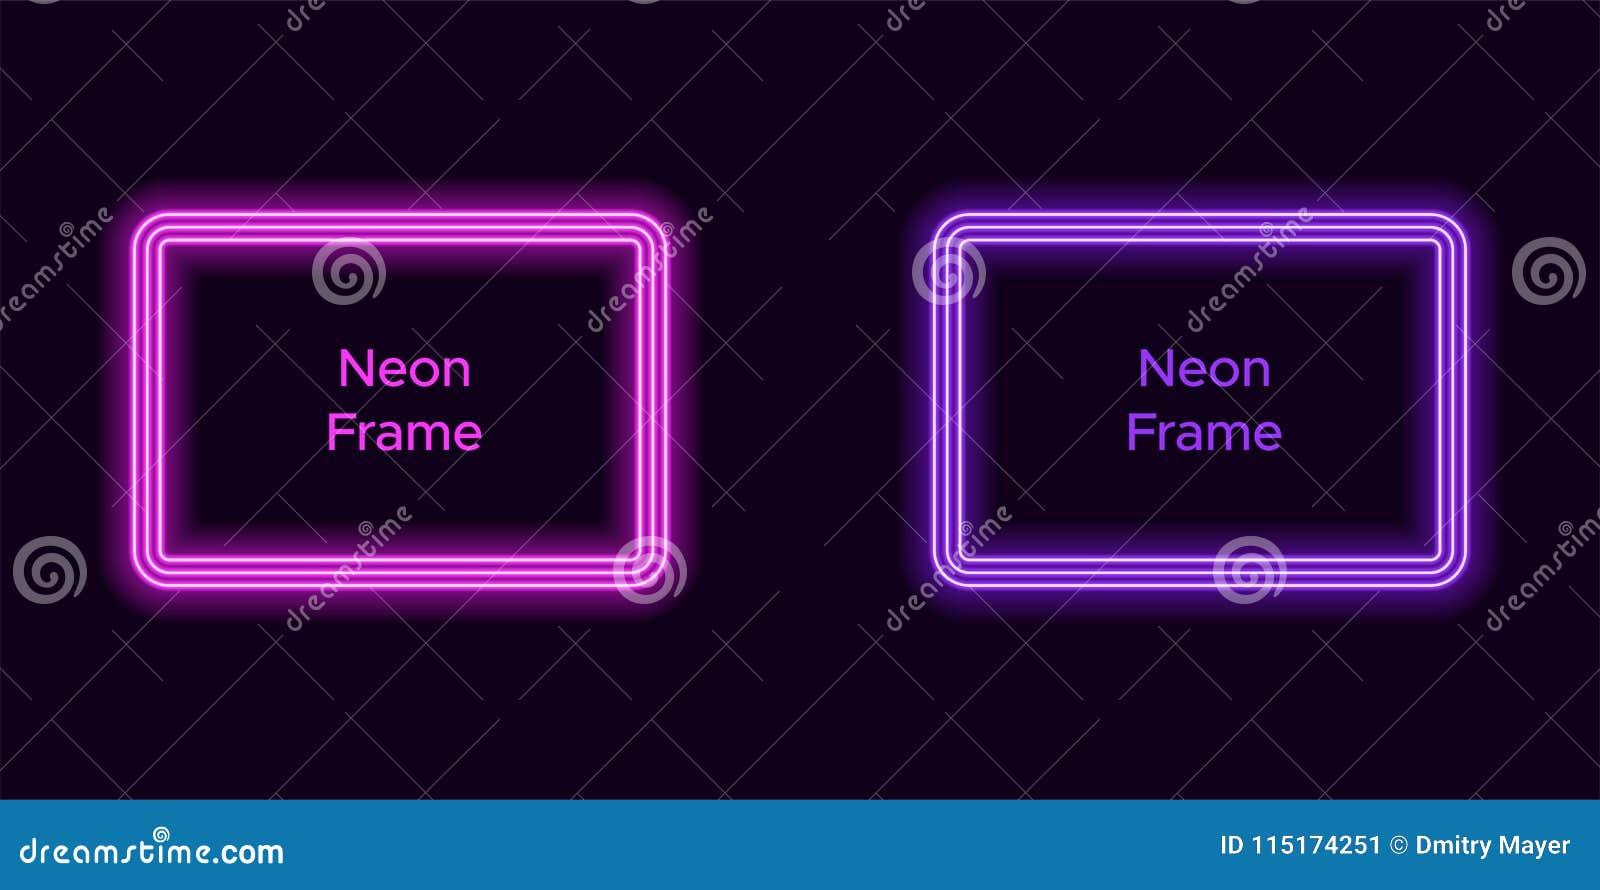 Marco de neón del rectángulo en color púrpura y violeta